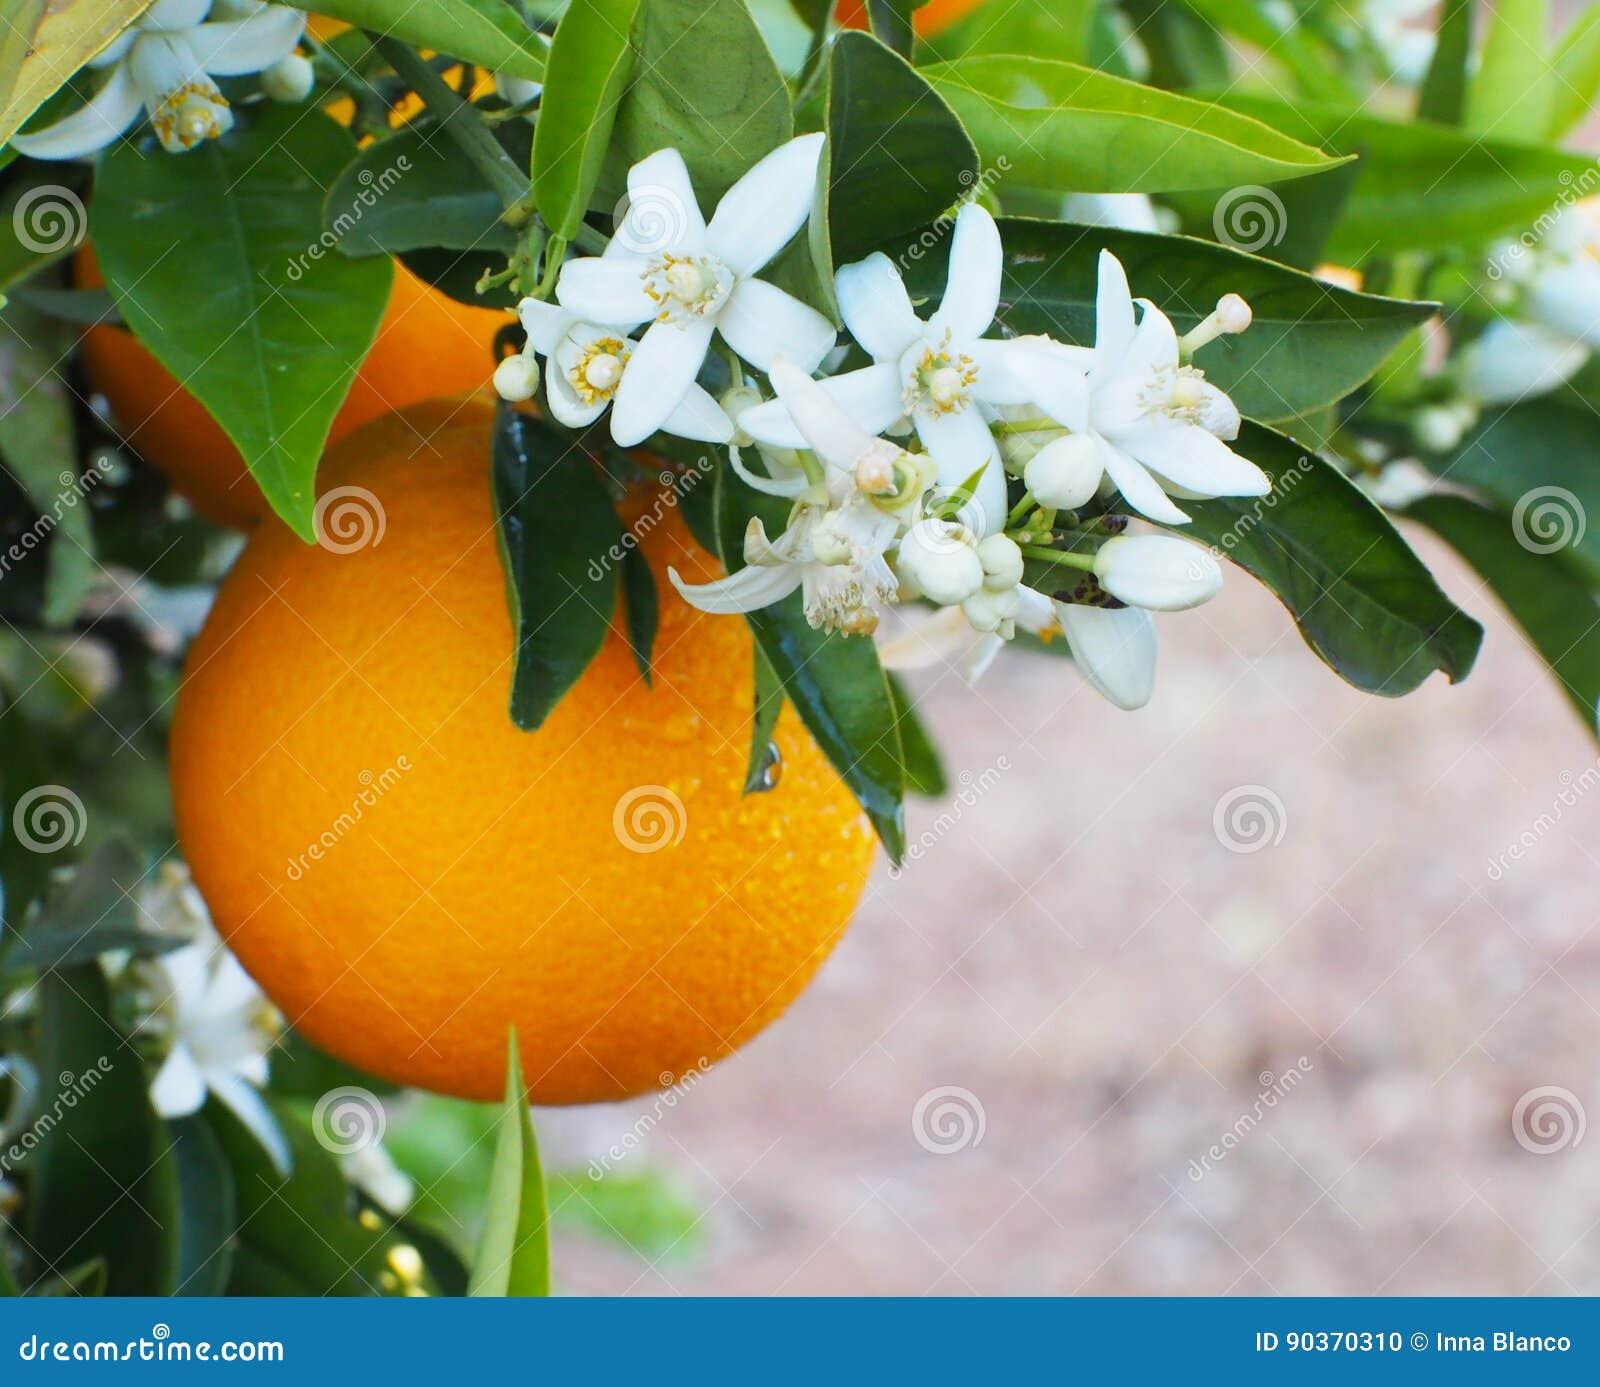 Valencian orange und orange Blüten